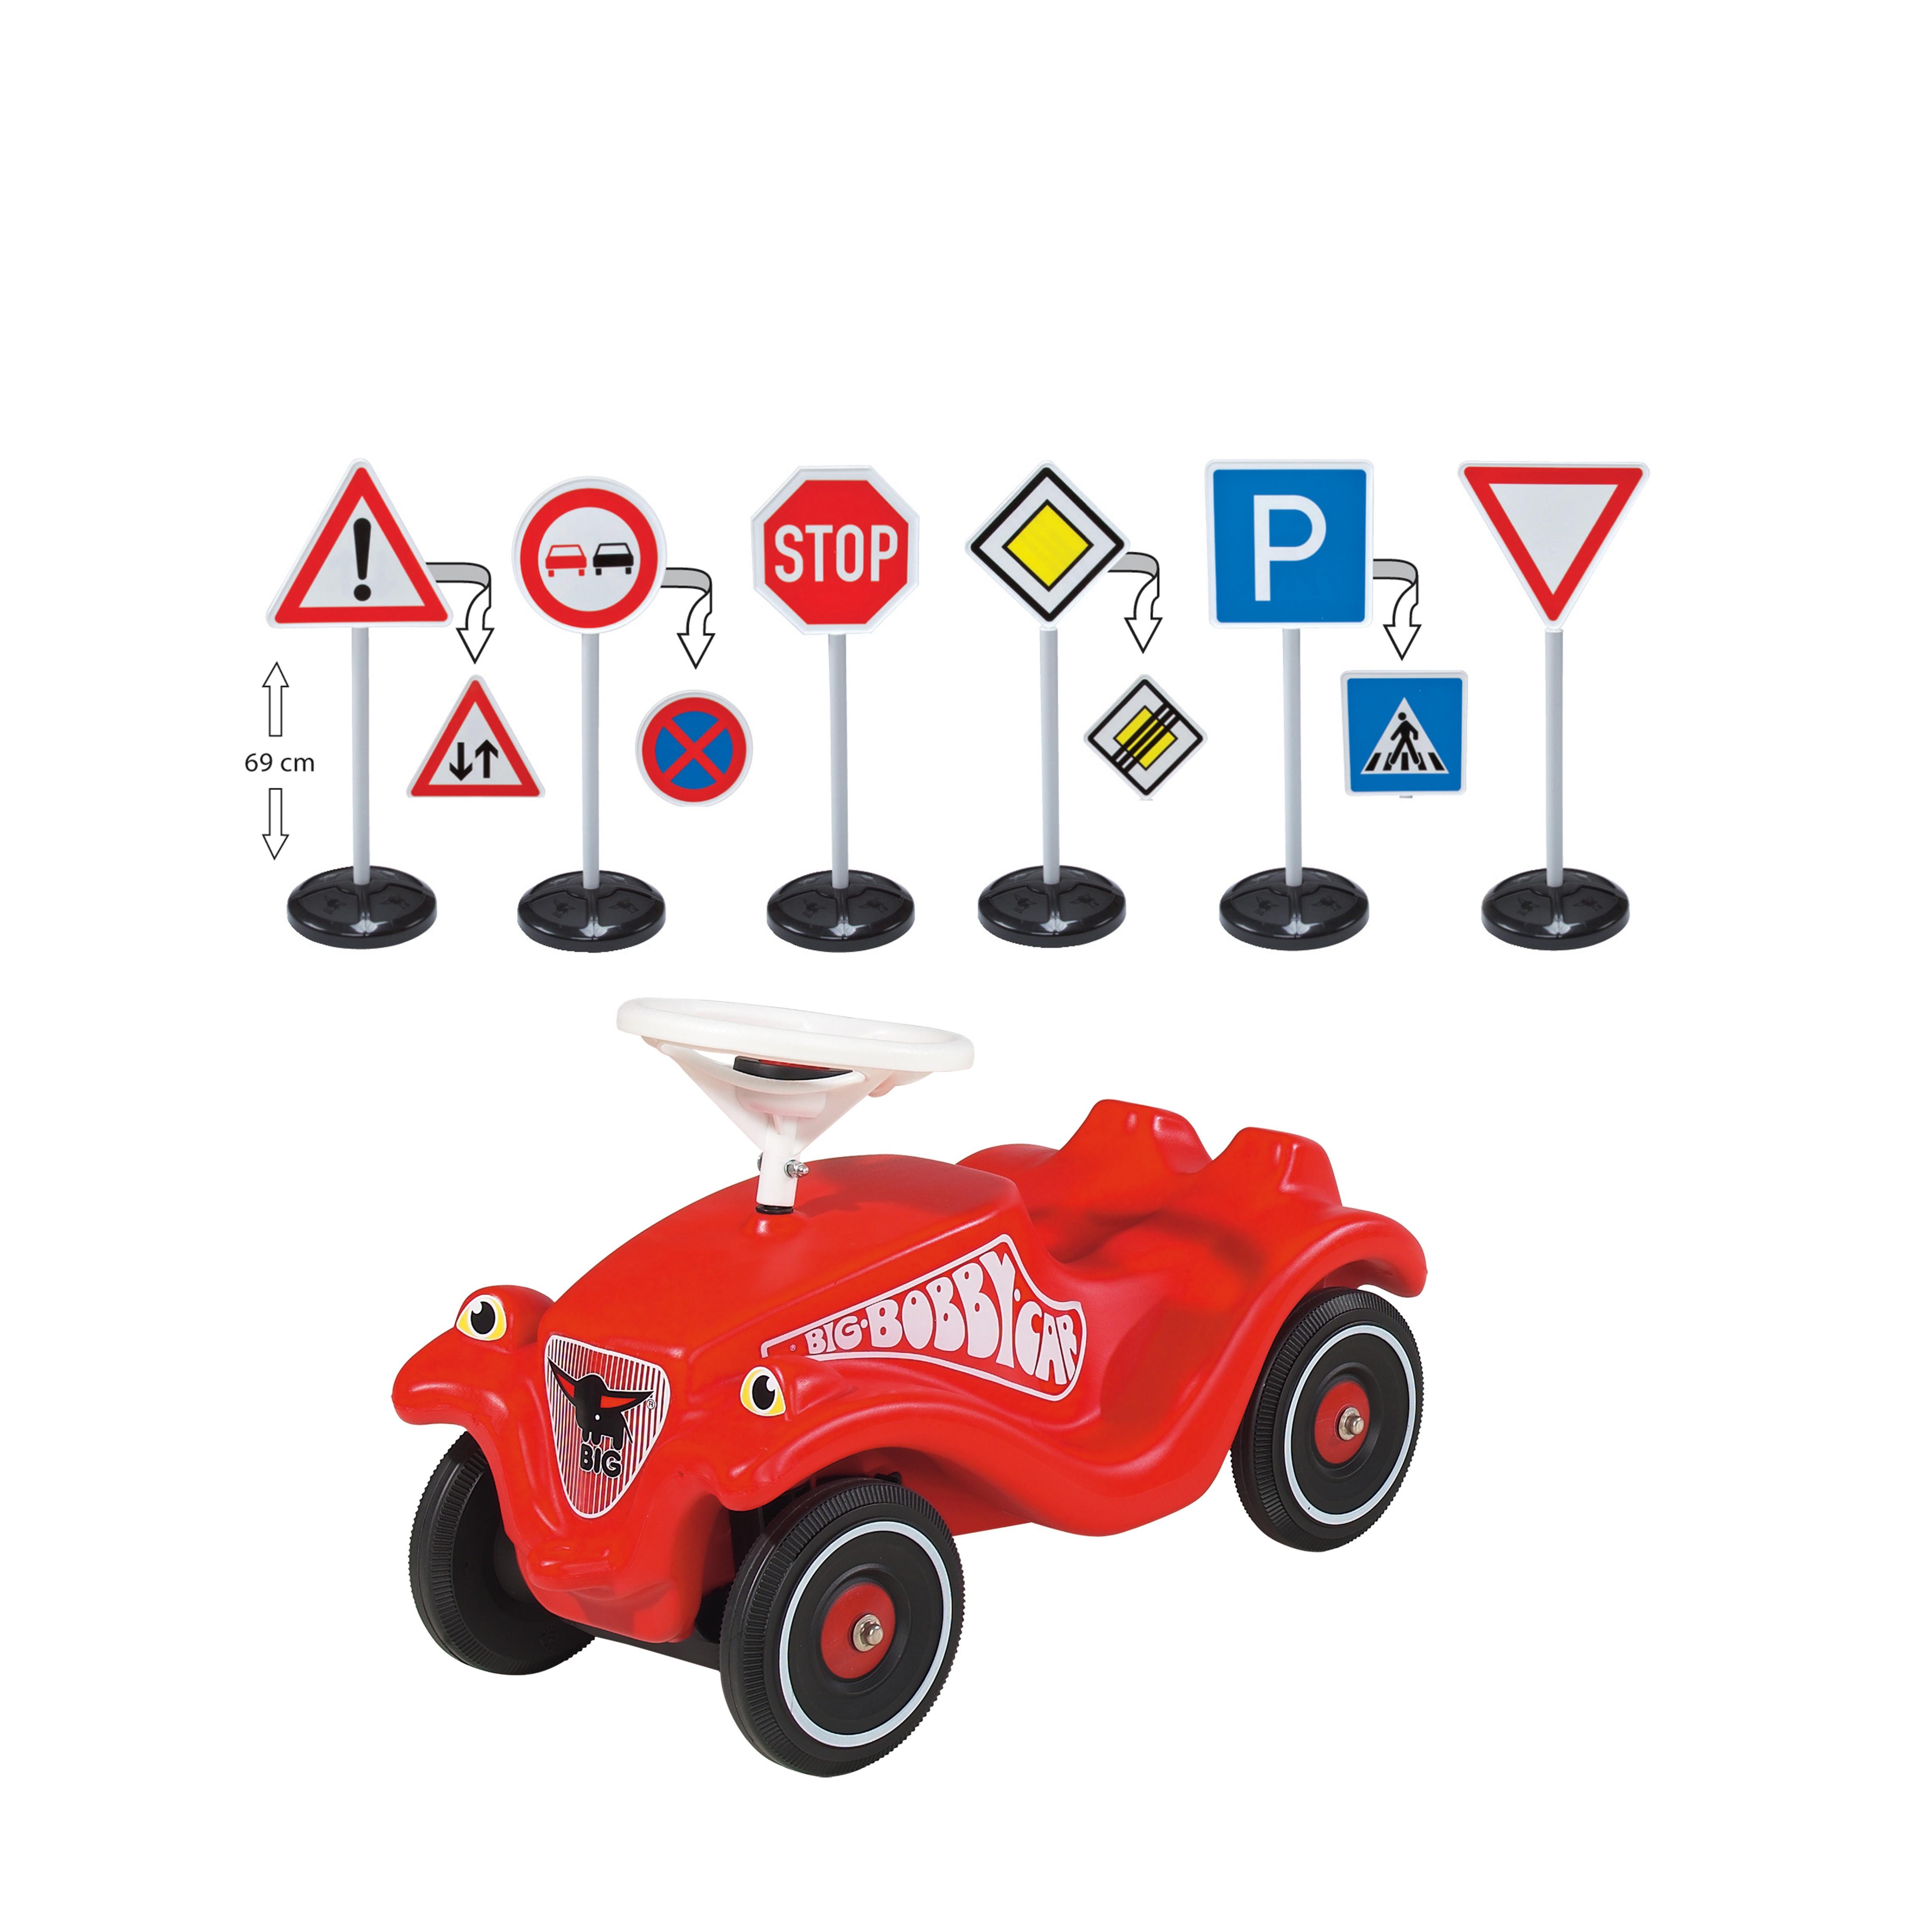 Bobby-Car + Verkehrsschilder